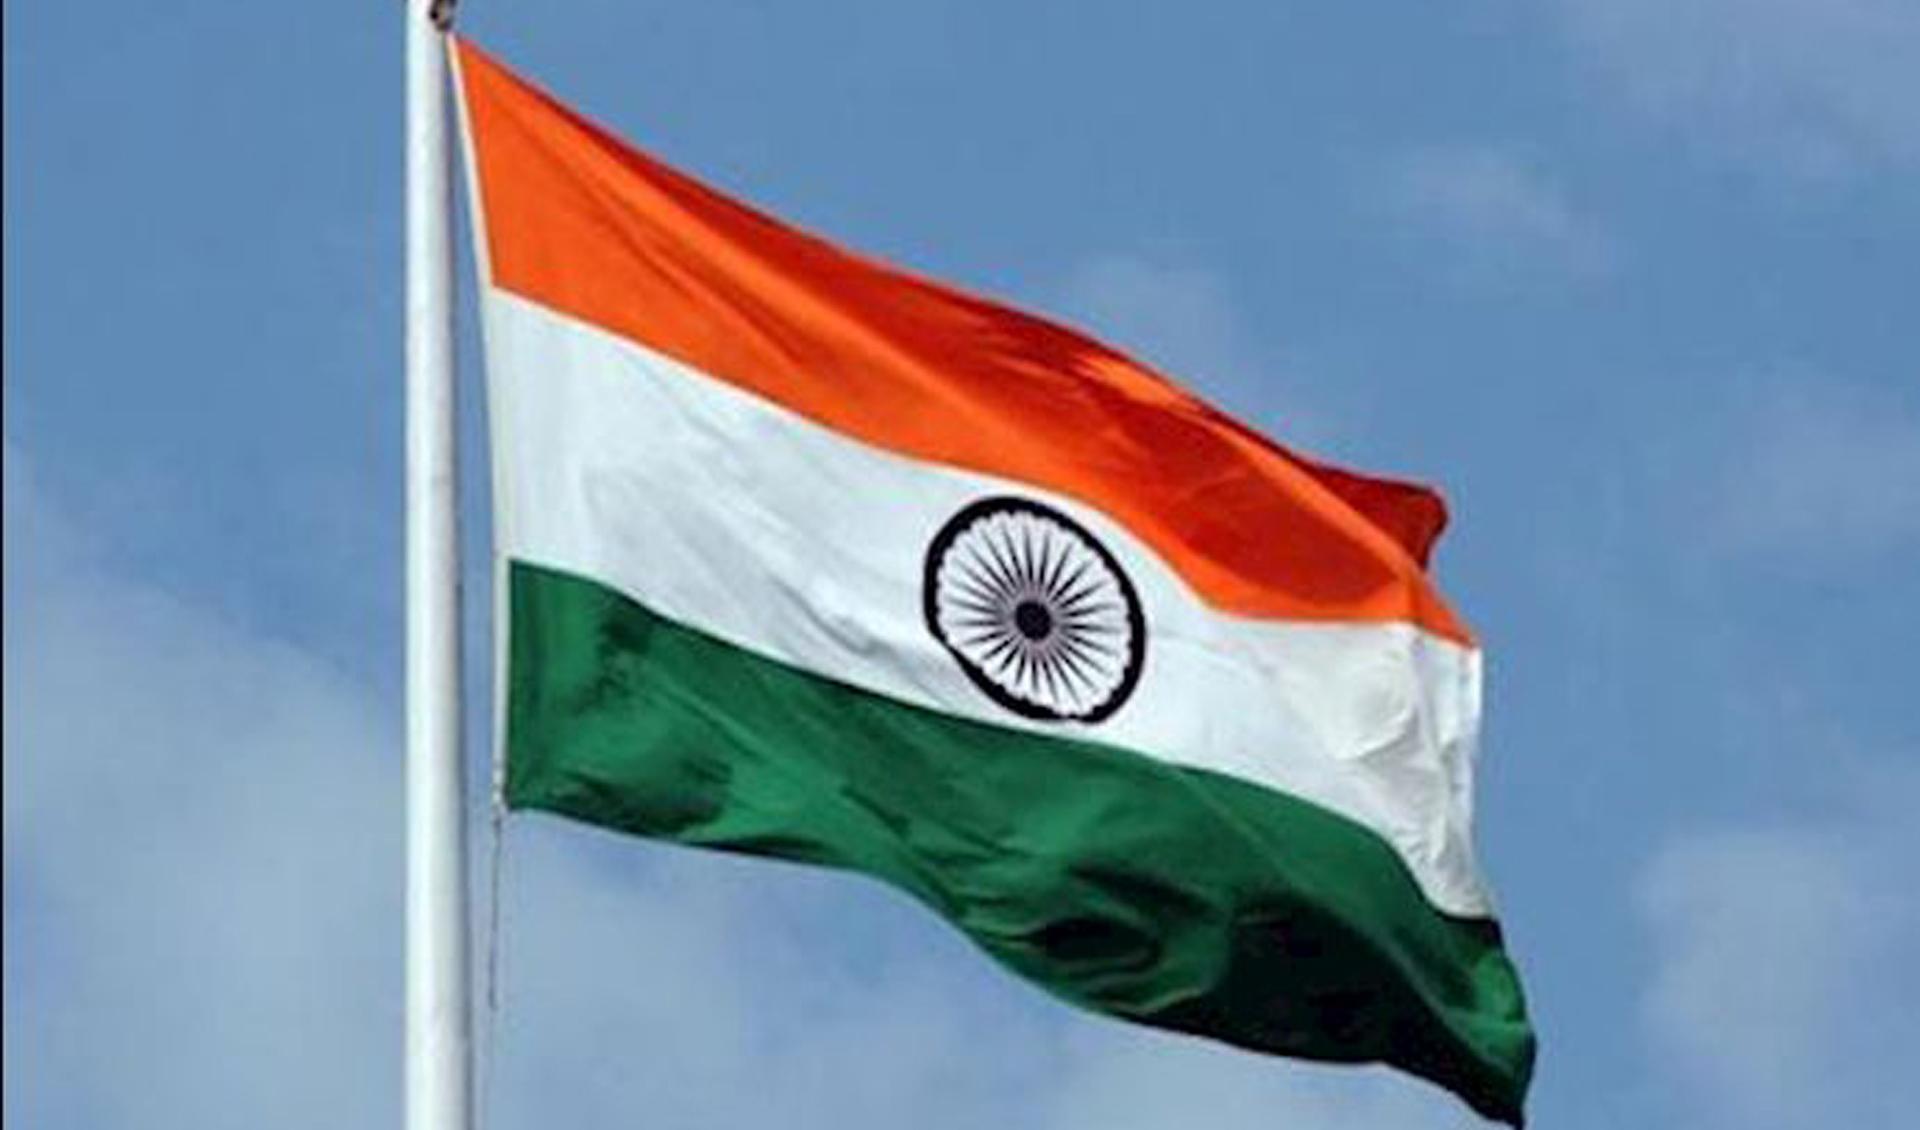 تداوم سرمایه گذاری های خارجی در هند با وجود شیوع کرونا